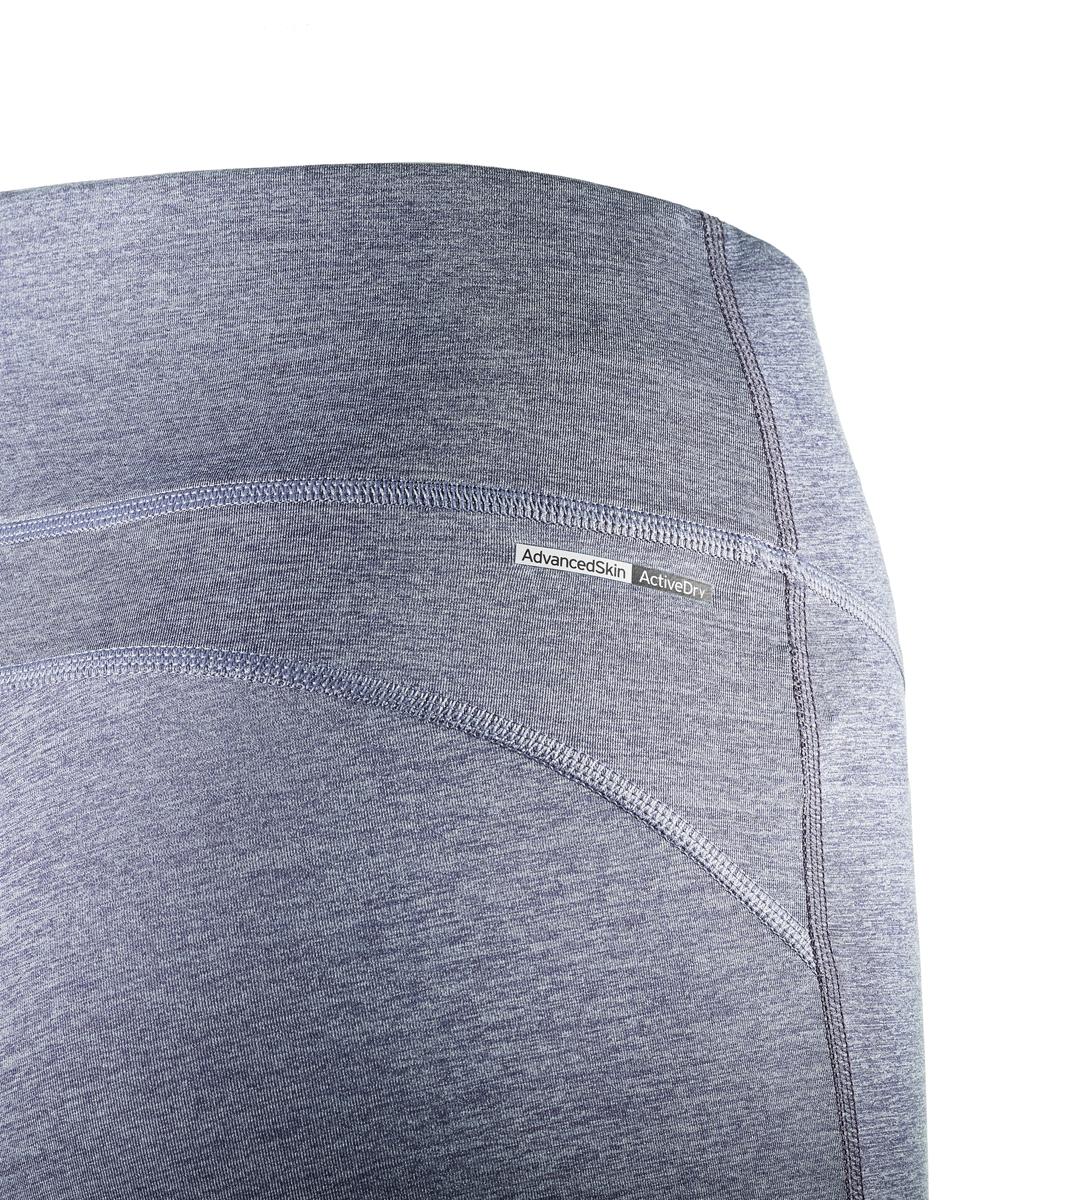 Женские тайтсы для бега от Salomon выполнены из высококачественного эластичного материала. Модель облегающего кроя с эластичной резинкой на талии.